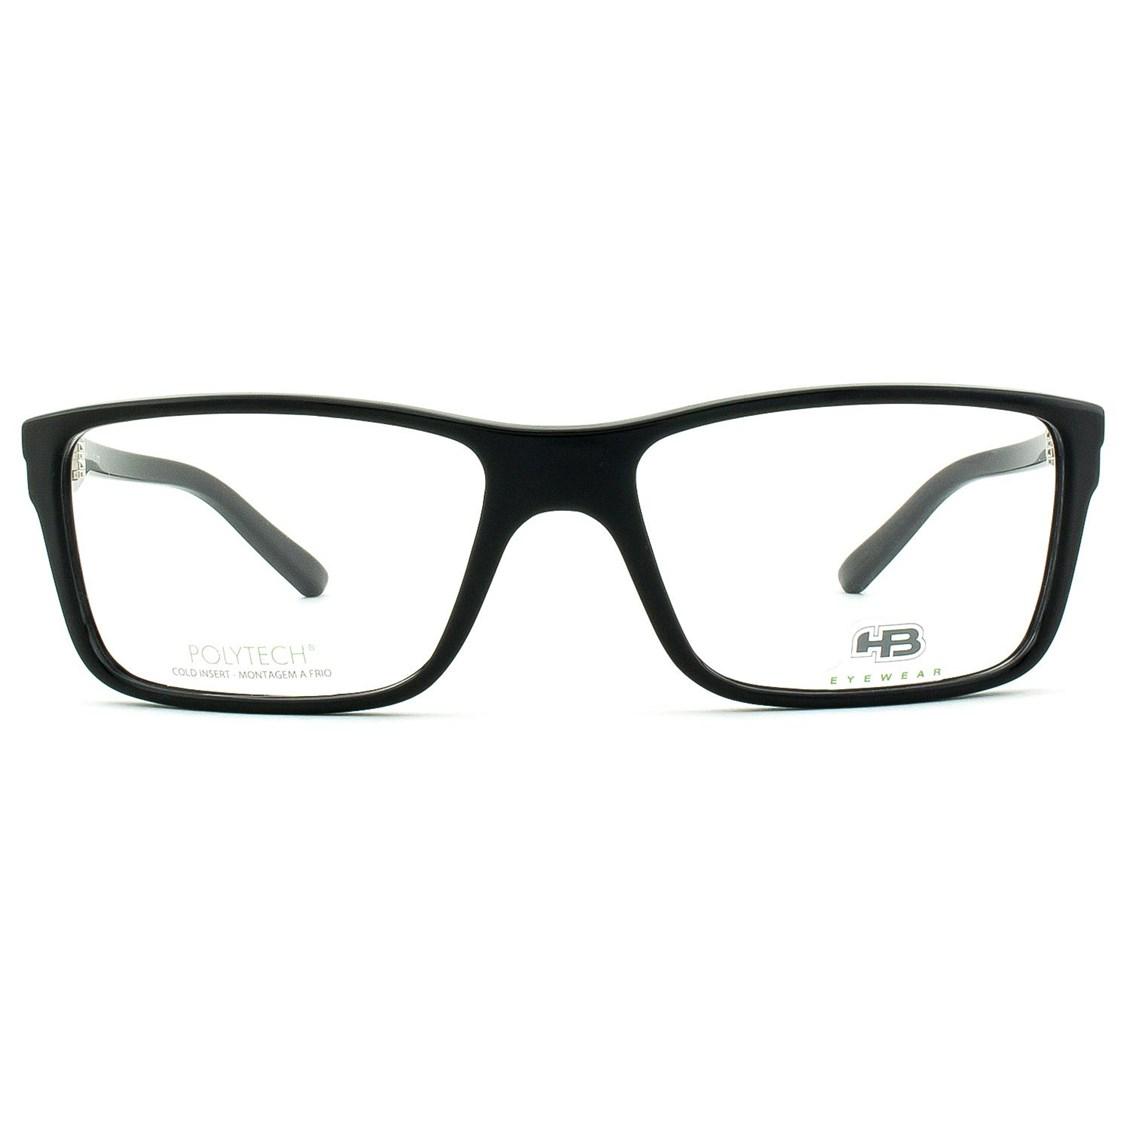 Óculos de Grau HB Polytech 93024 002/33-Único